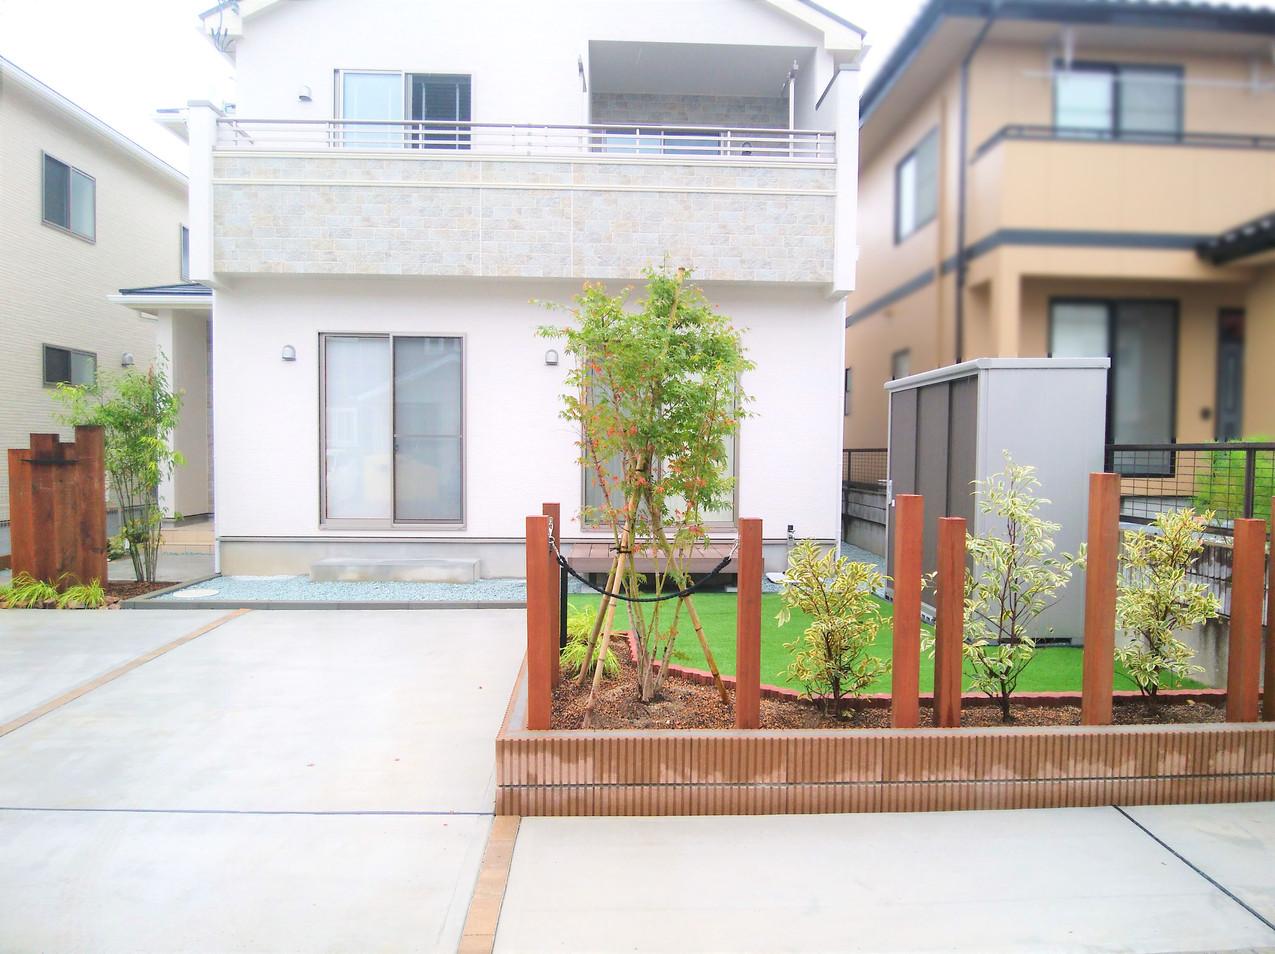 支柱の茶色と植栽の緑色のバランスが絶妙